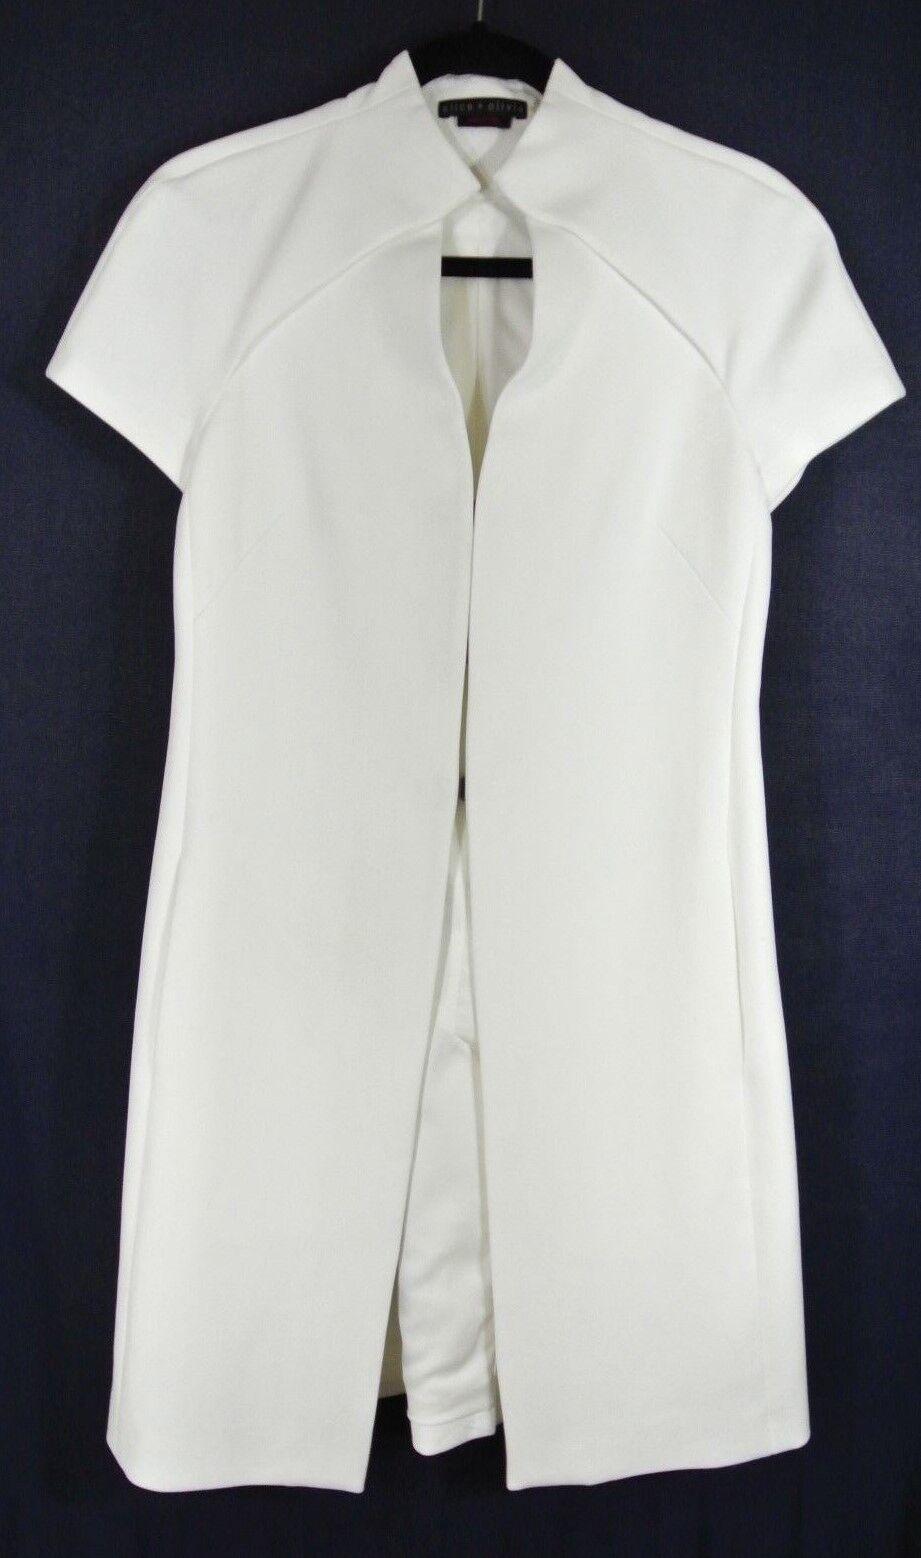 NEW Alice + Olivia Melinda Ingreened Topper in White - Size 4